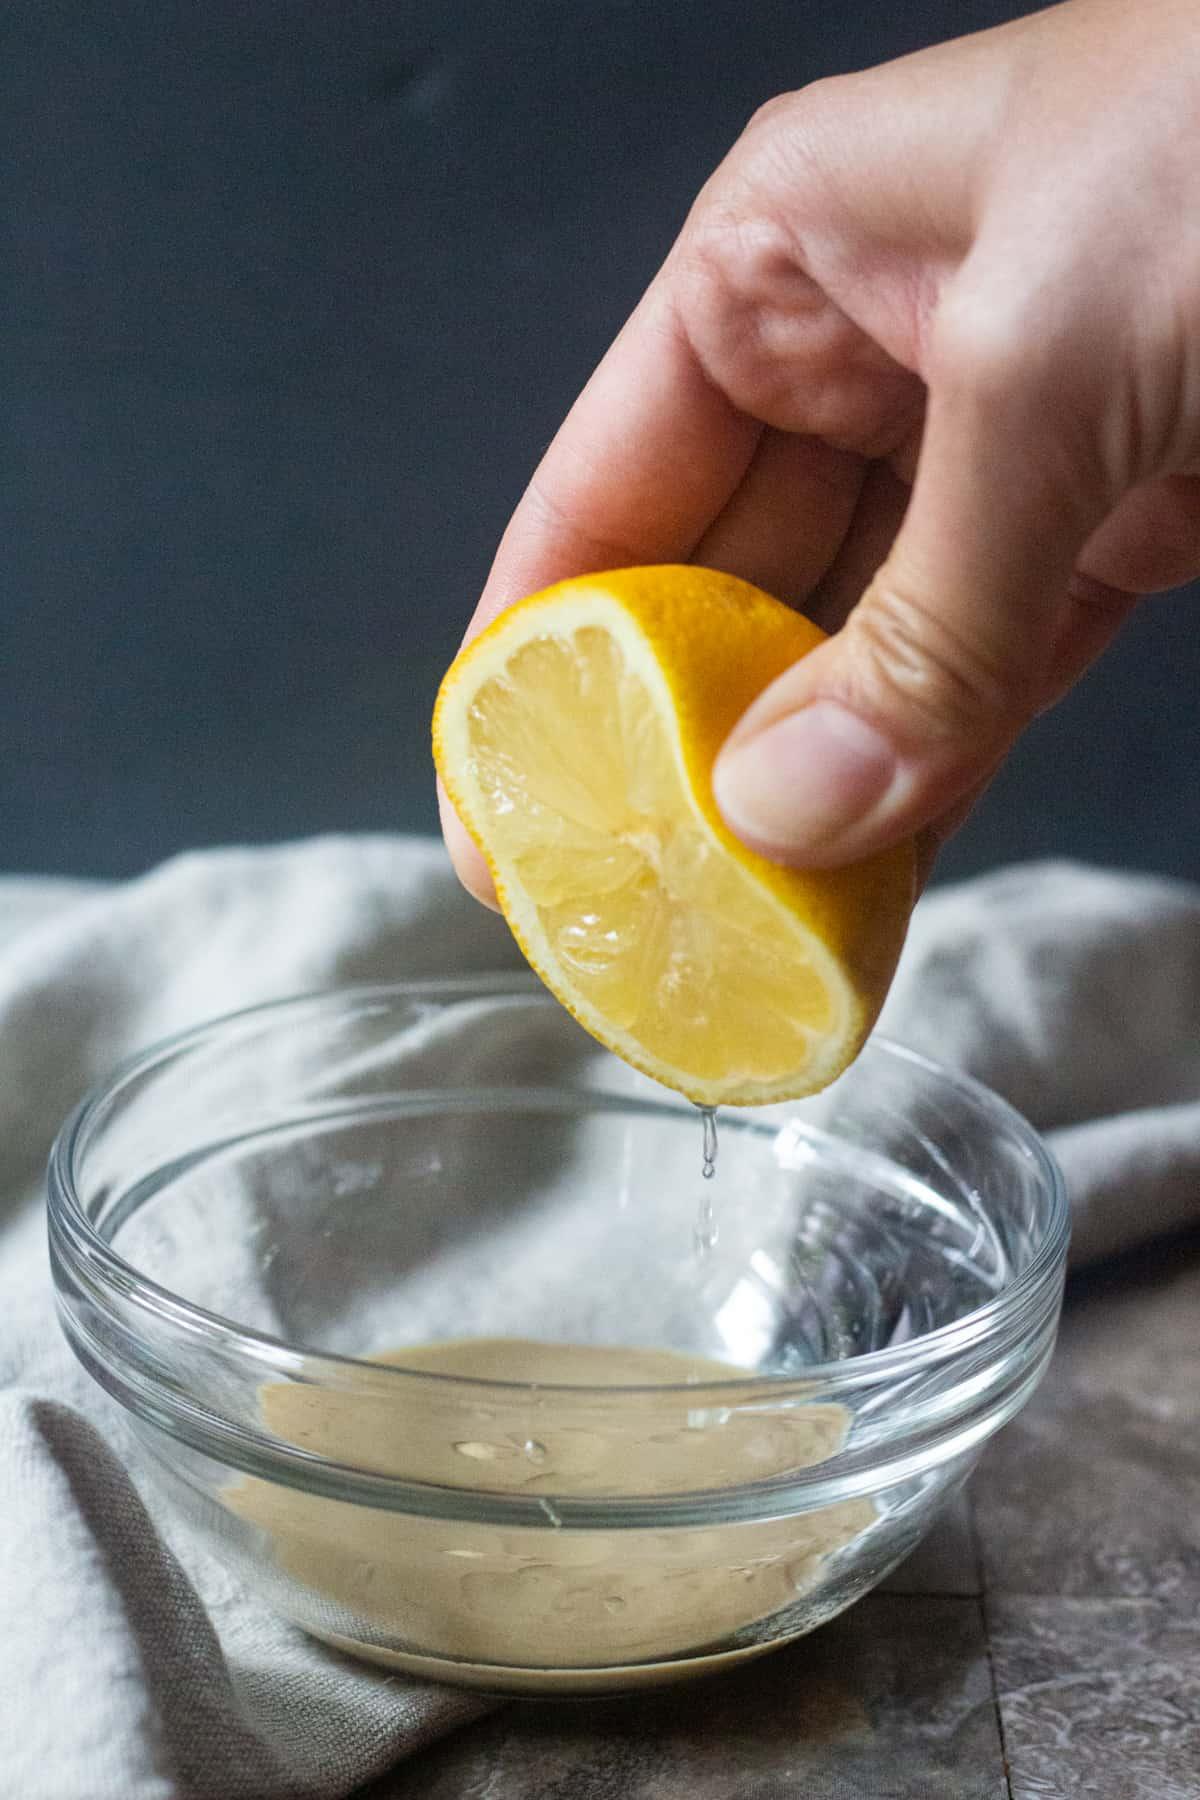 Add lemon to tahini sauce for more flavor.